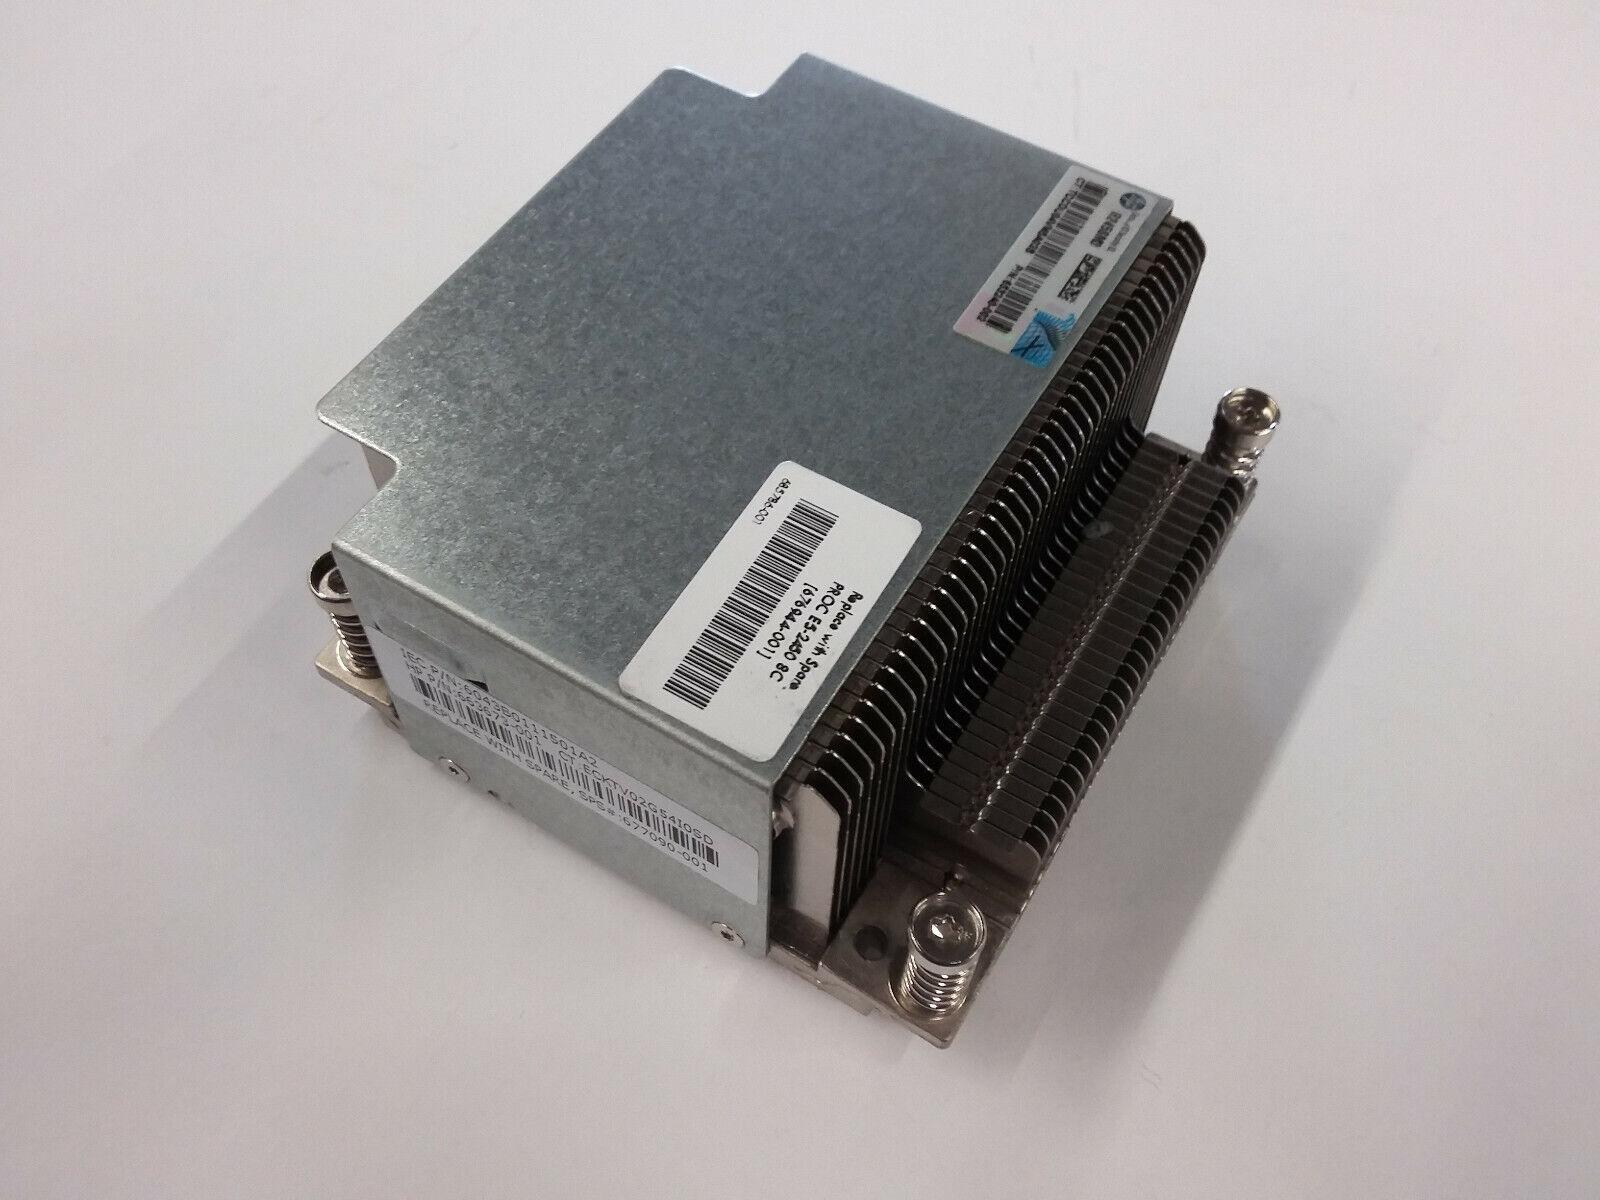 HP Proliant DL380E G8 Heatsink 677090-001 663673-001